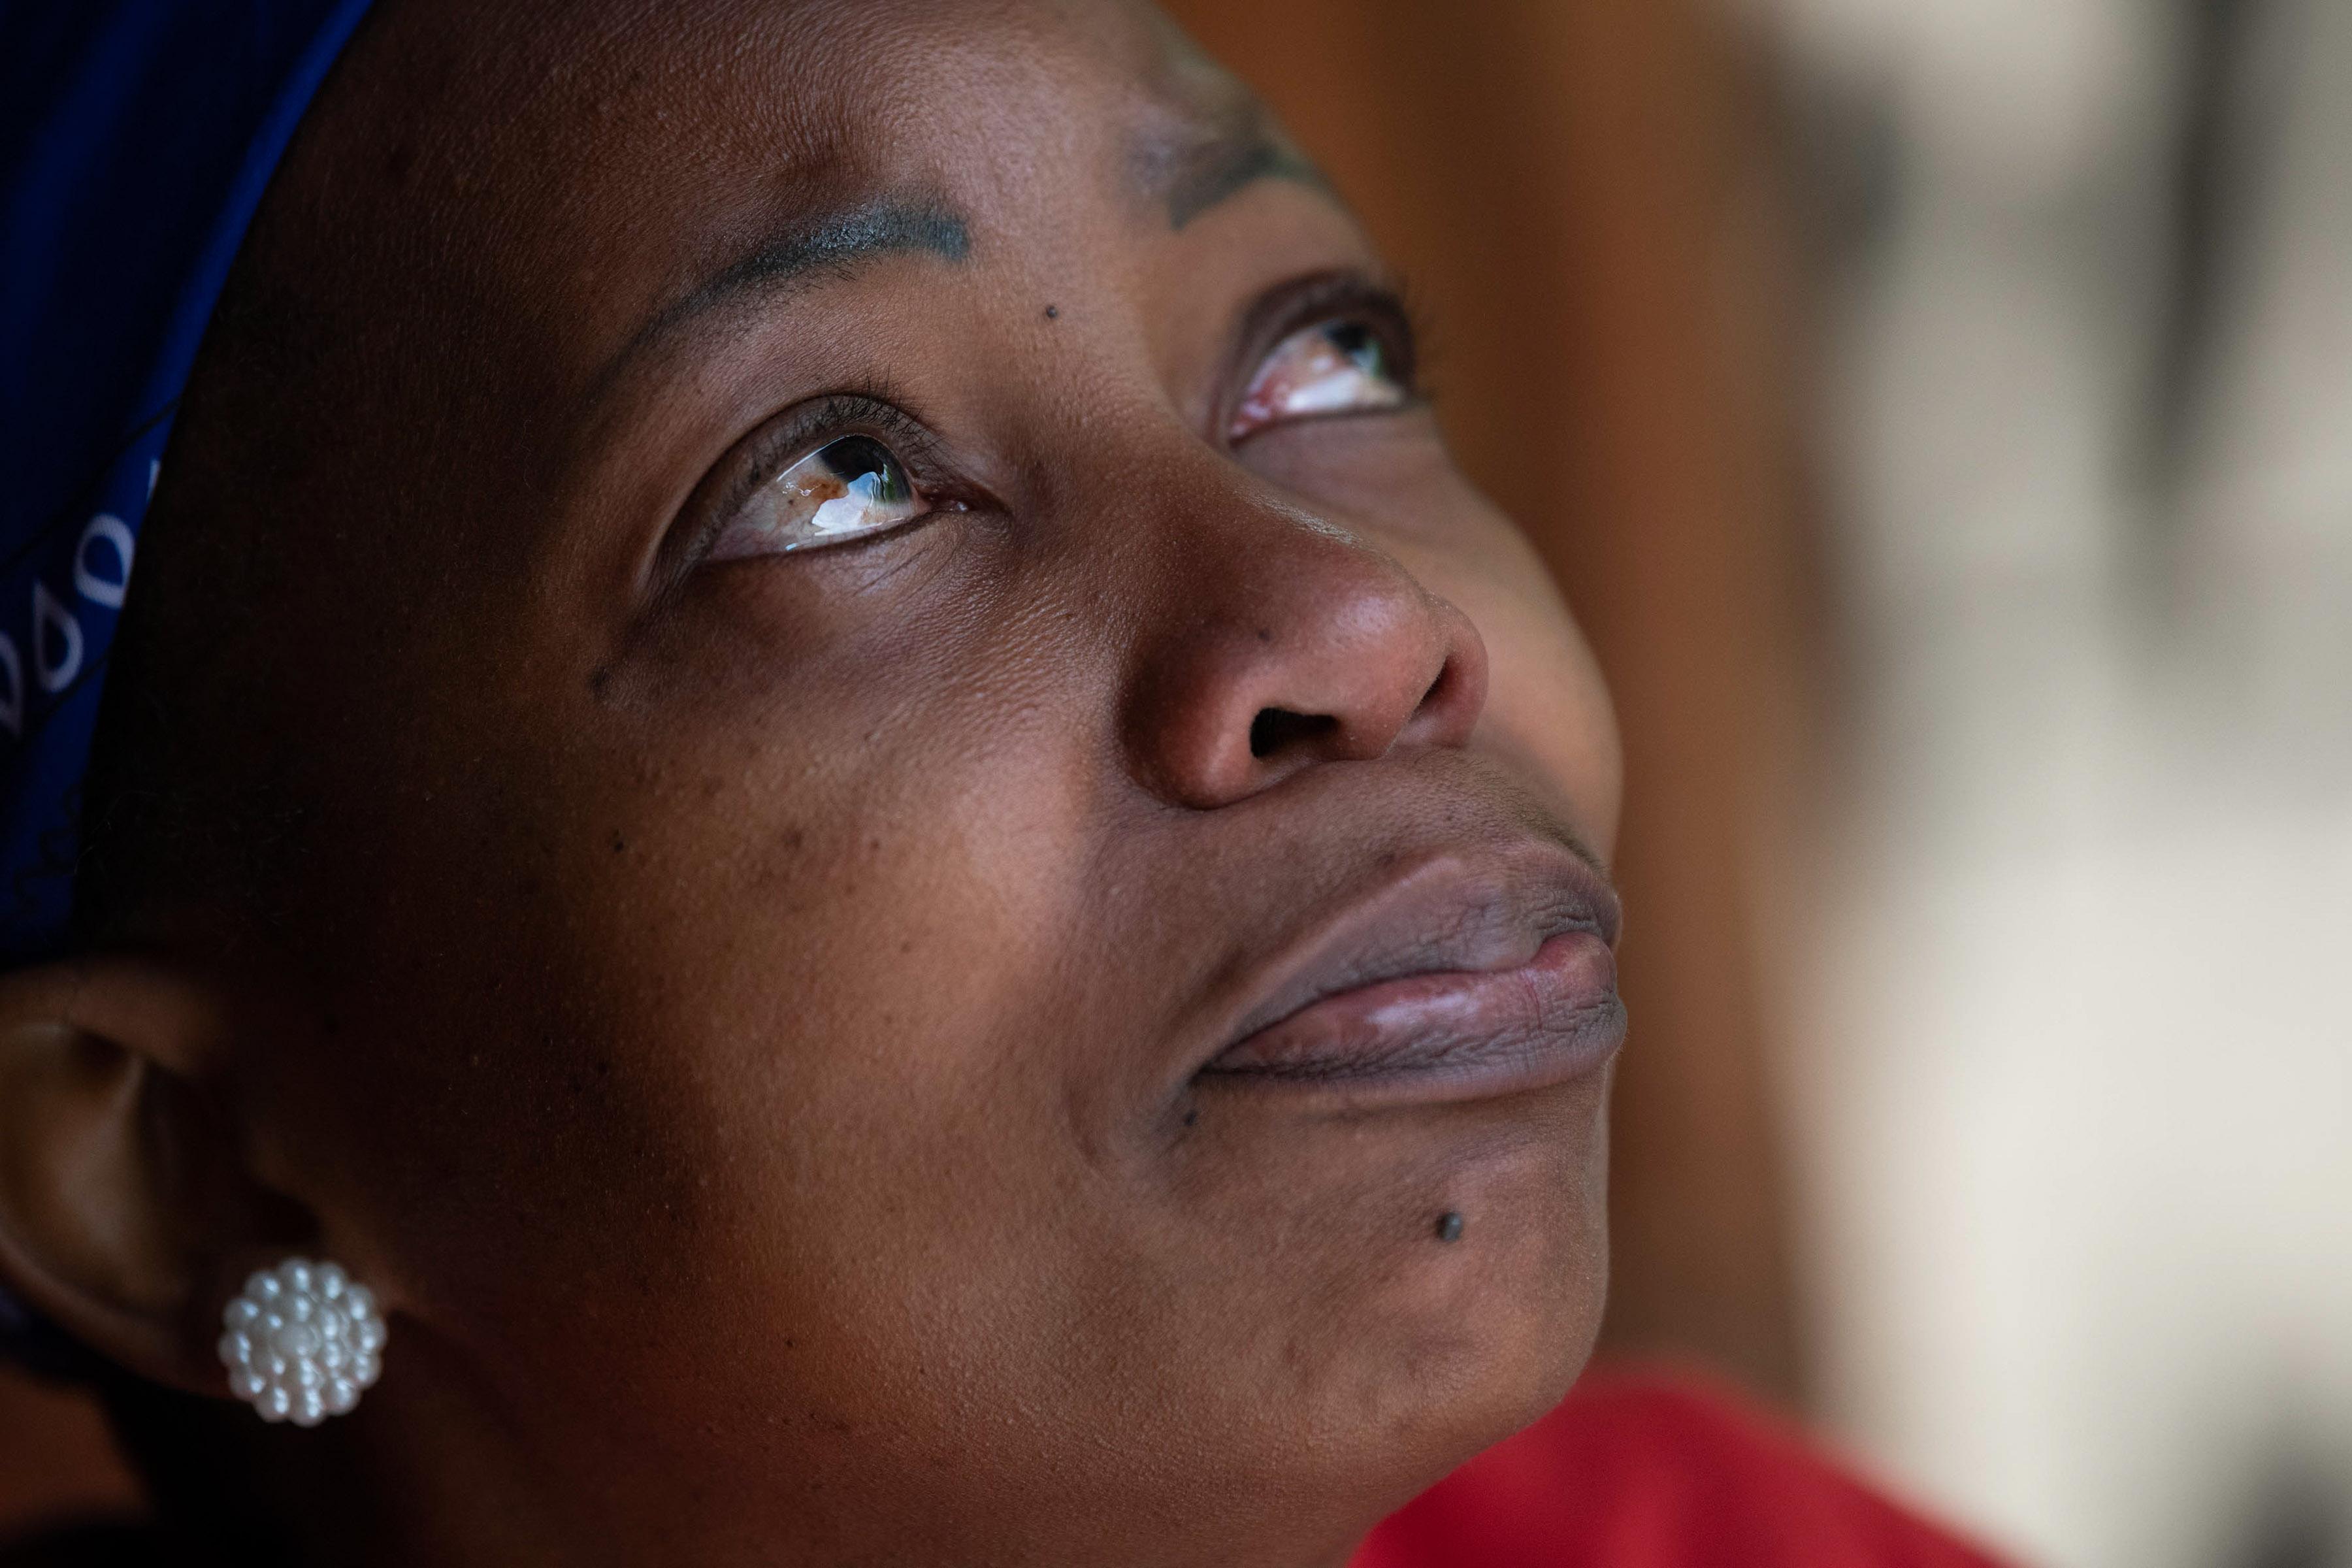 31 October 2019: Kholiwe Dlamini is a survivor of gender-based violence. (Photograph by Madelene Cronjé)